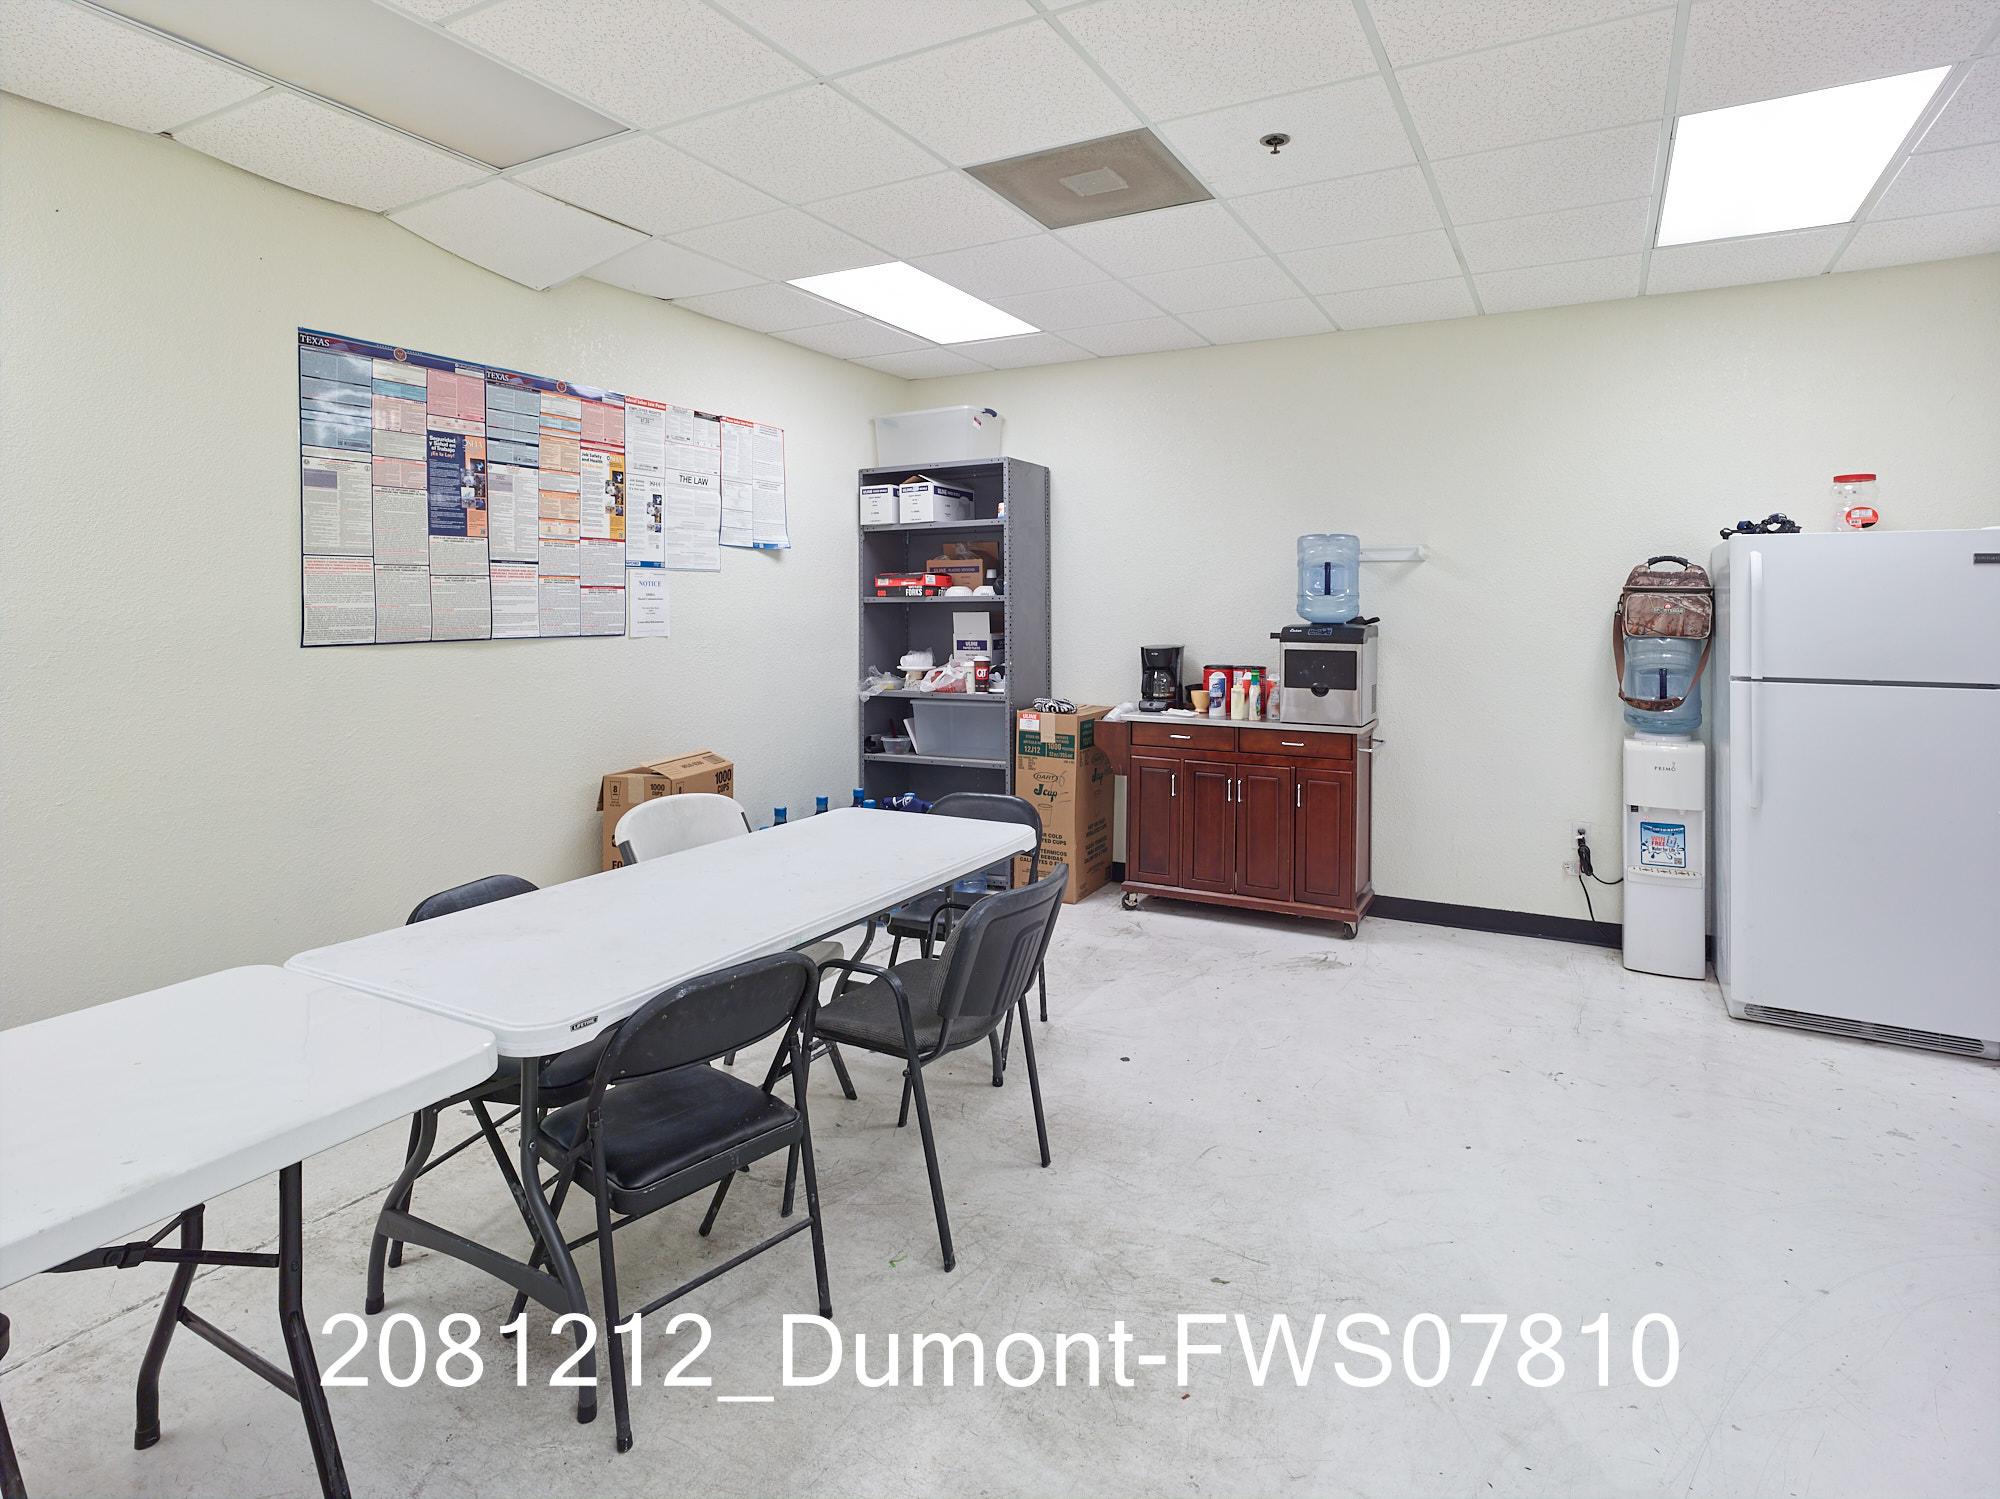 2081212_Dumont-FWS07810.jpg